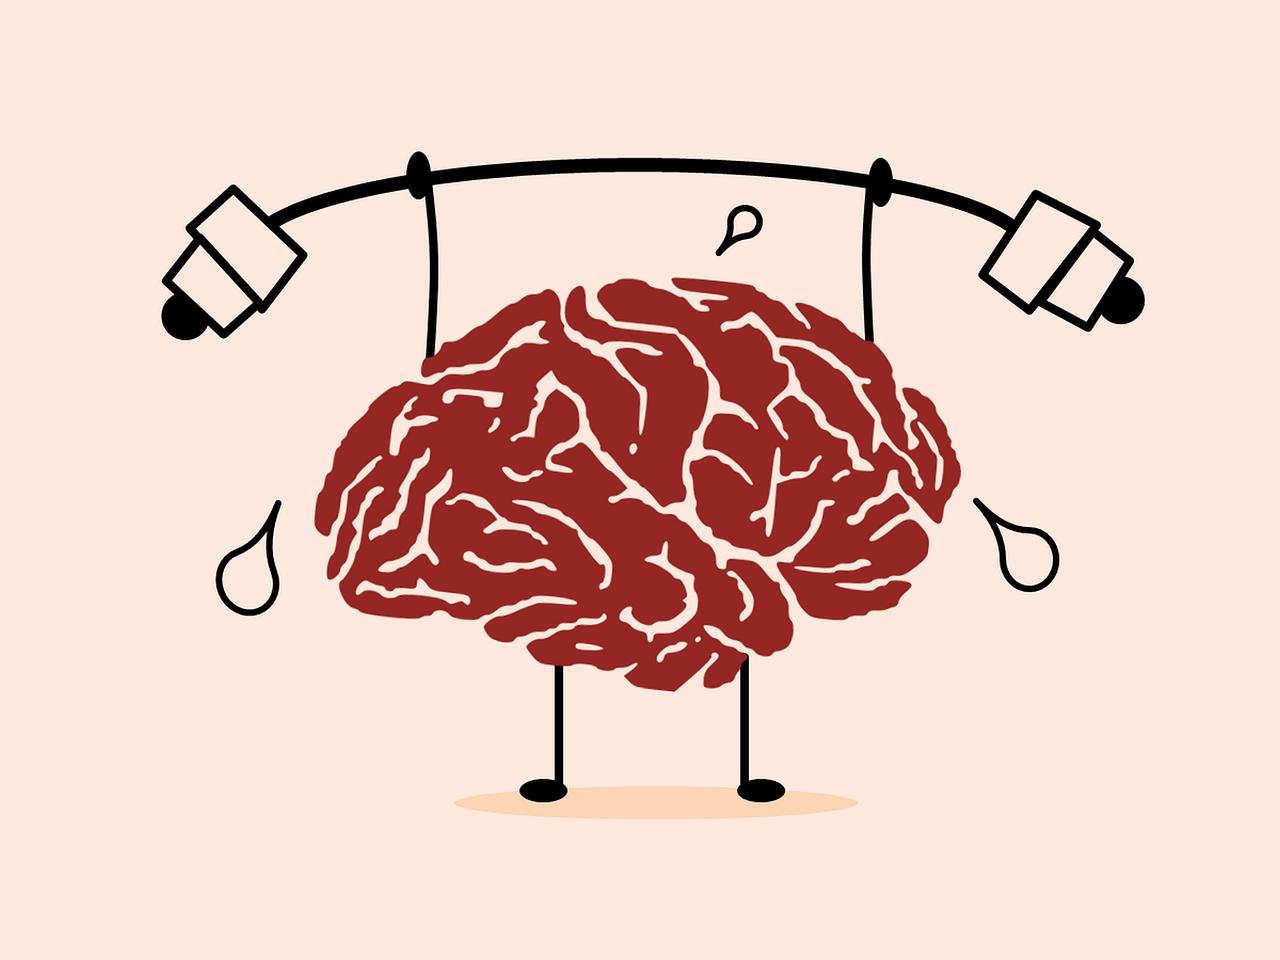 Voorspellend brein verandert de (sport-)wereld #27